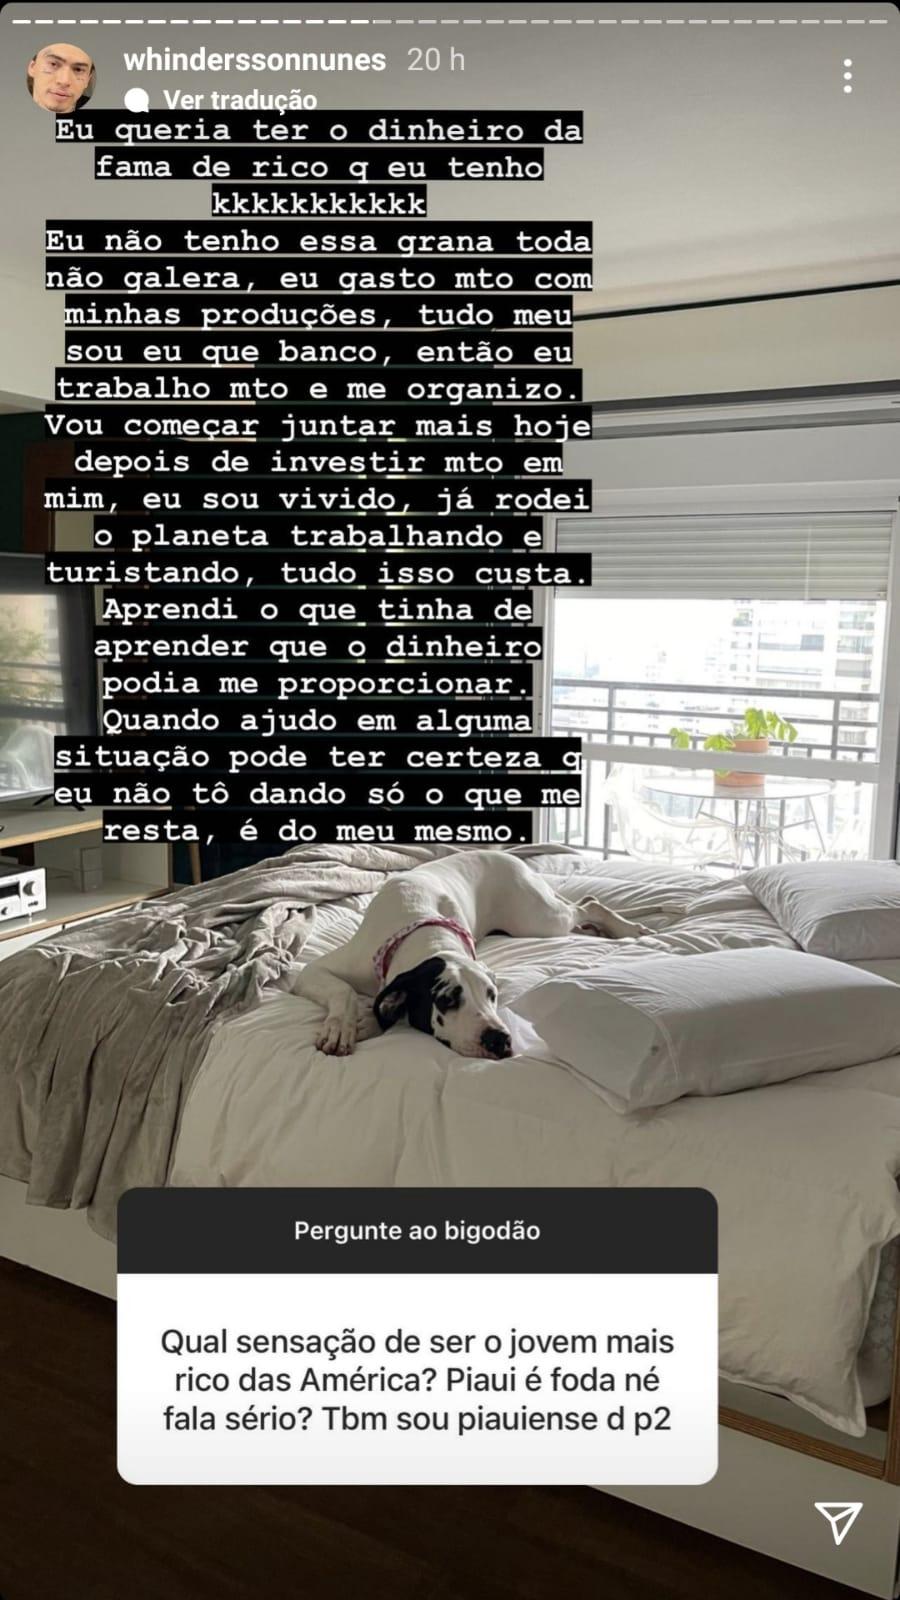 Imagem: WhatsApp Image 2021 10 11 at 1.26.32 PM Whindersson Nunes nega que seja rico: 'Não tenho essa grana toda'